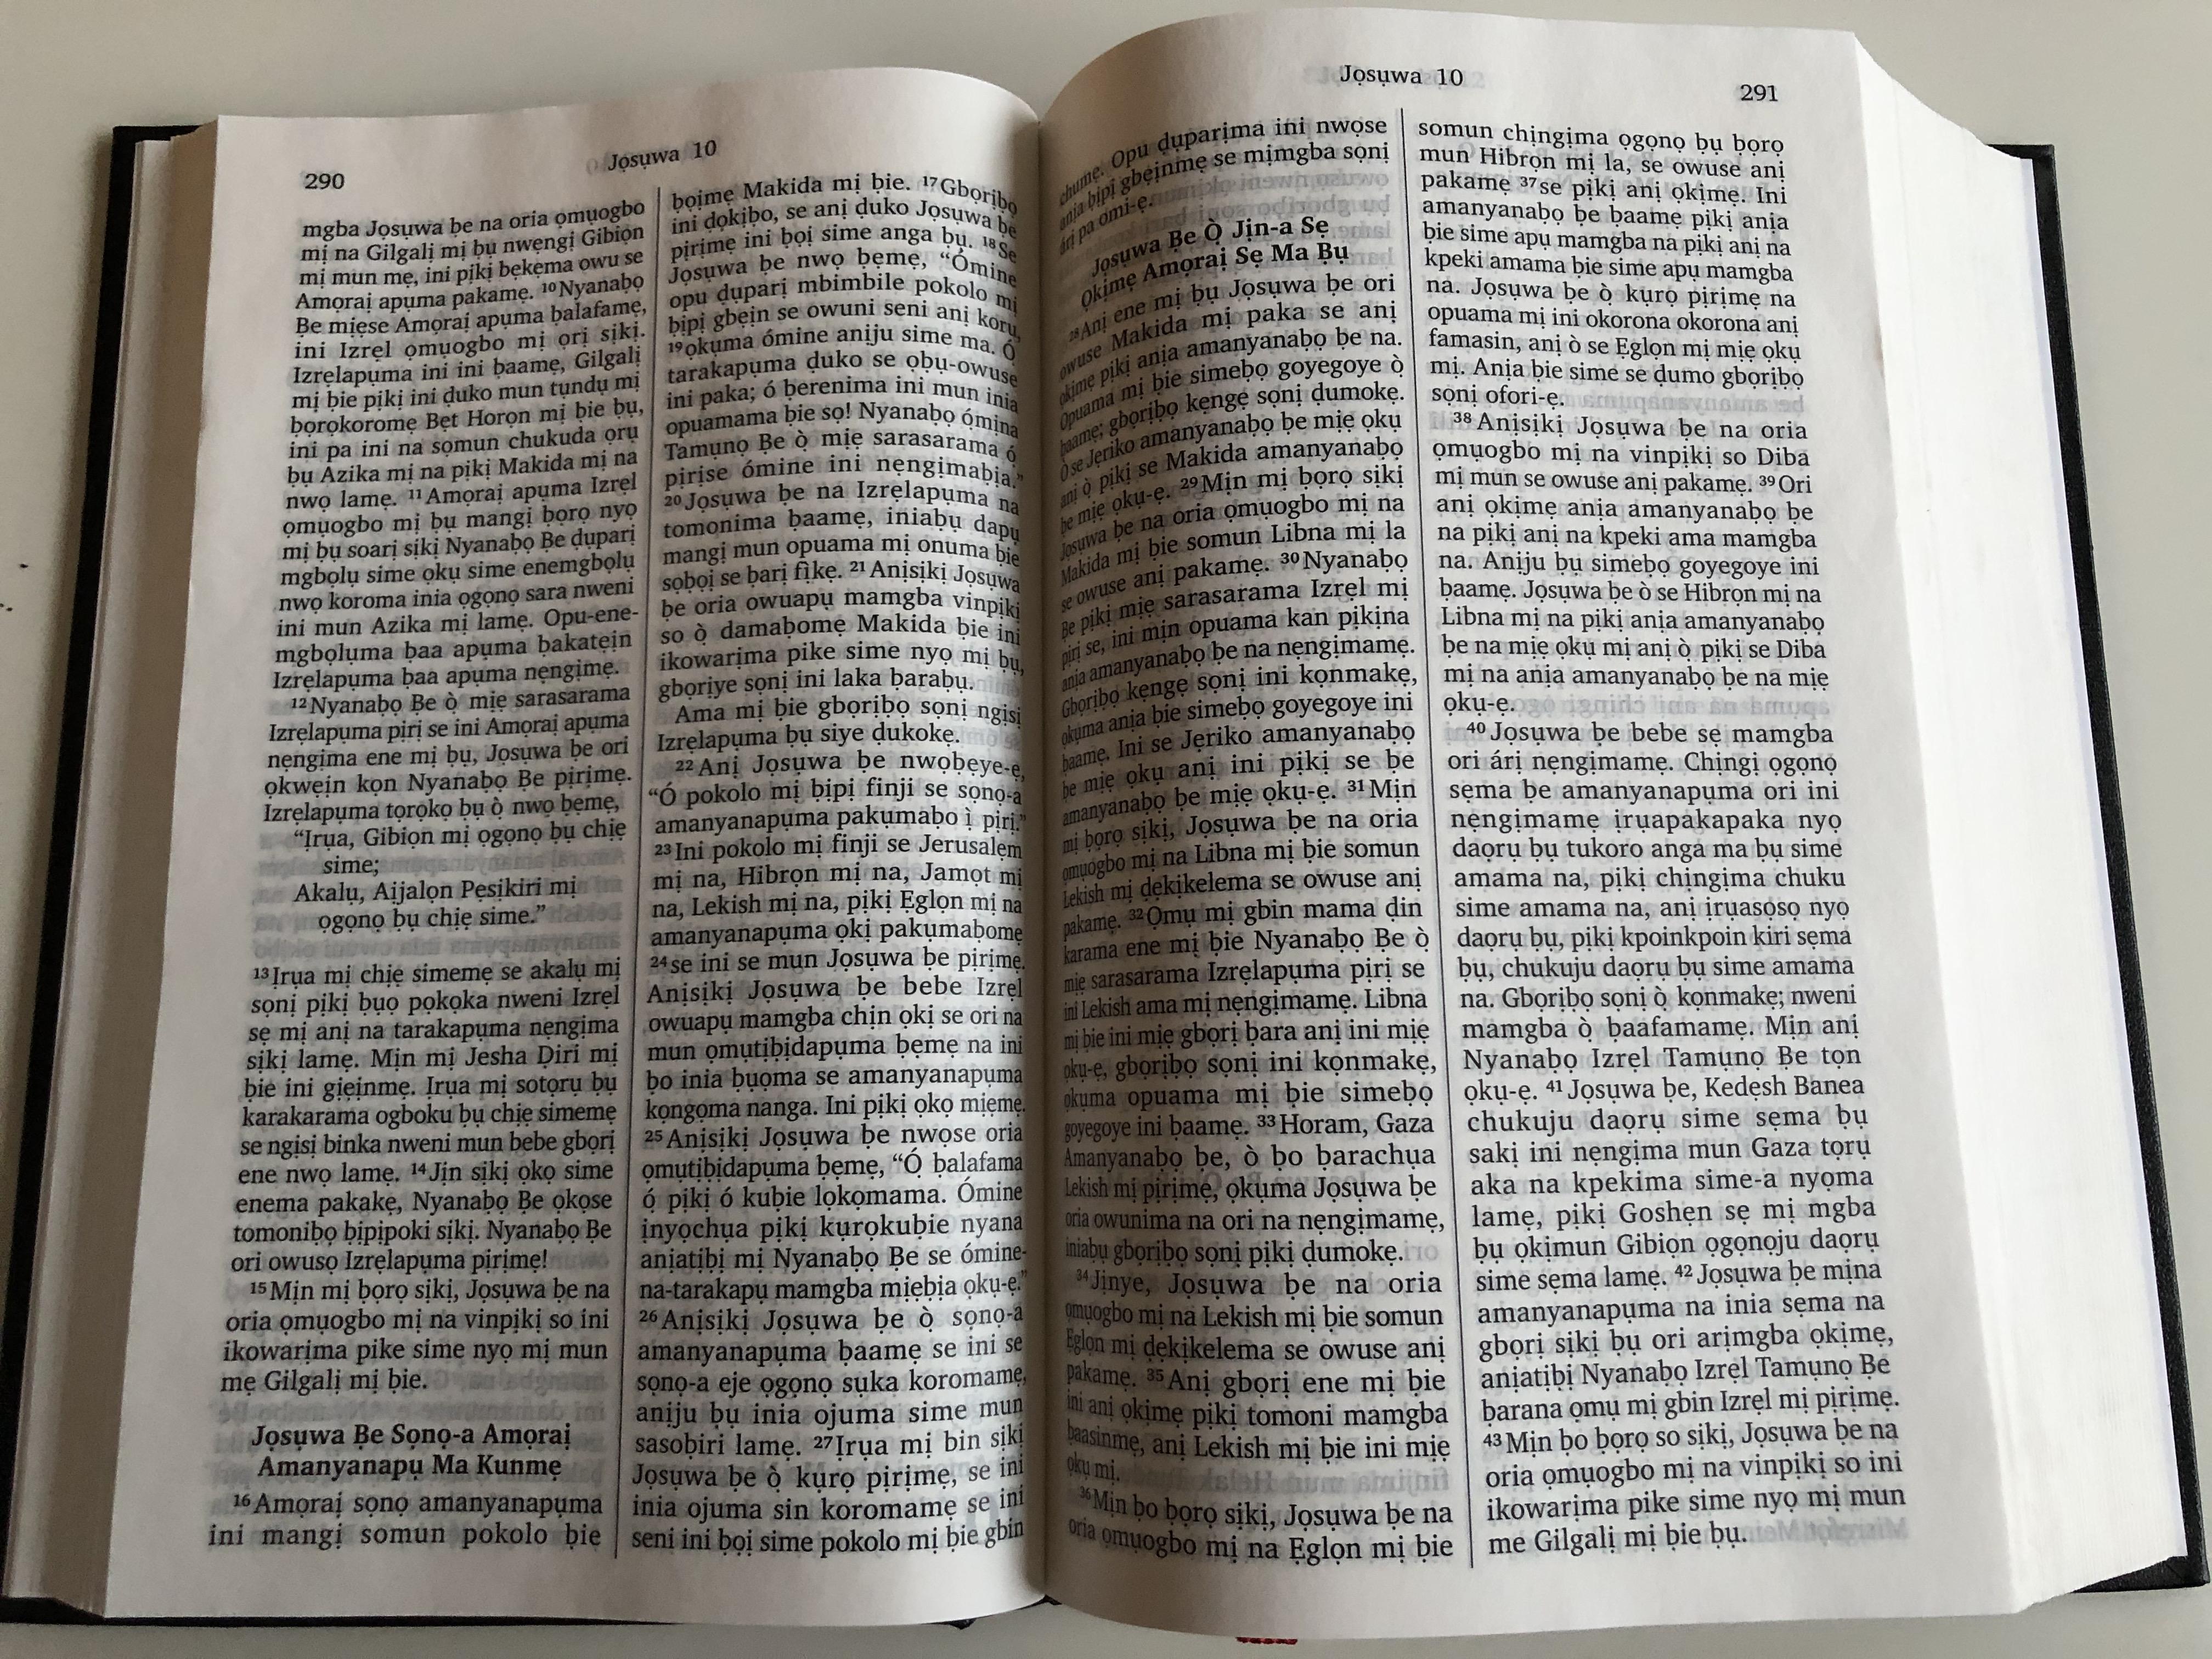 okrika-holy-bible-kirikeni-baibul-bible-society-nigeria-2017-9.jpg